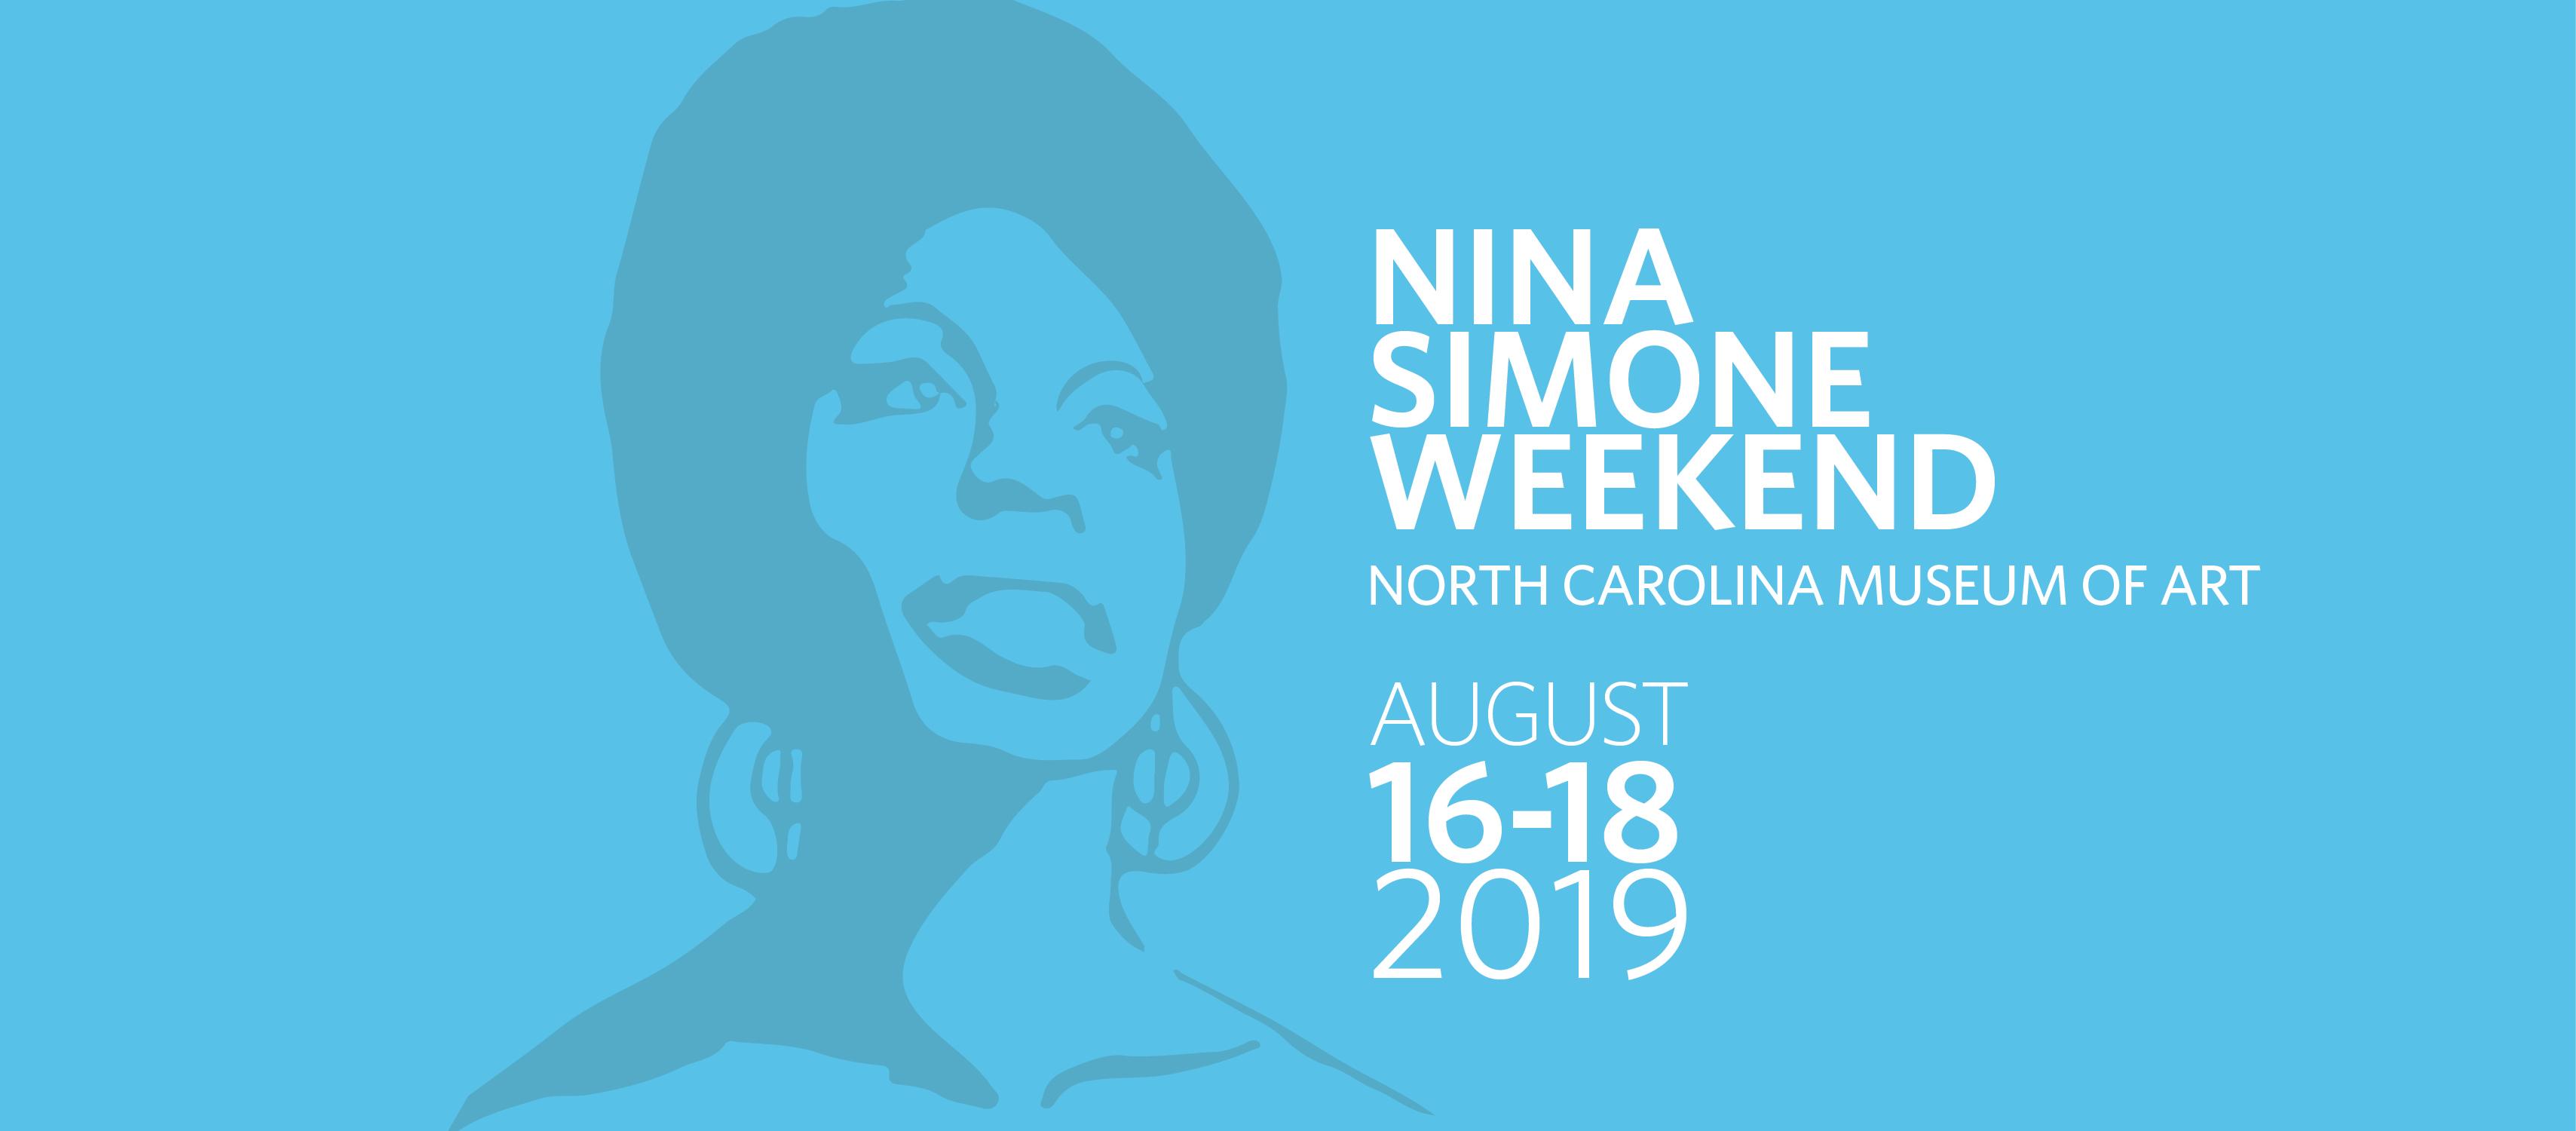 Nina Simone Weekend poster